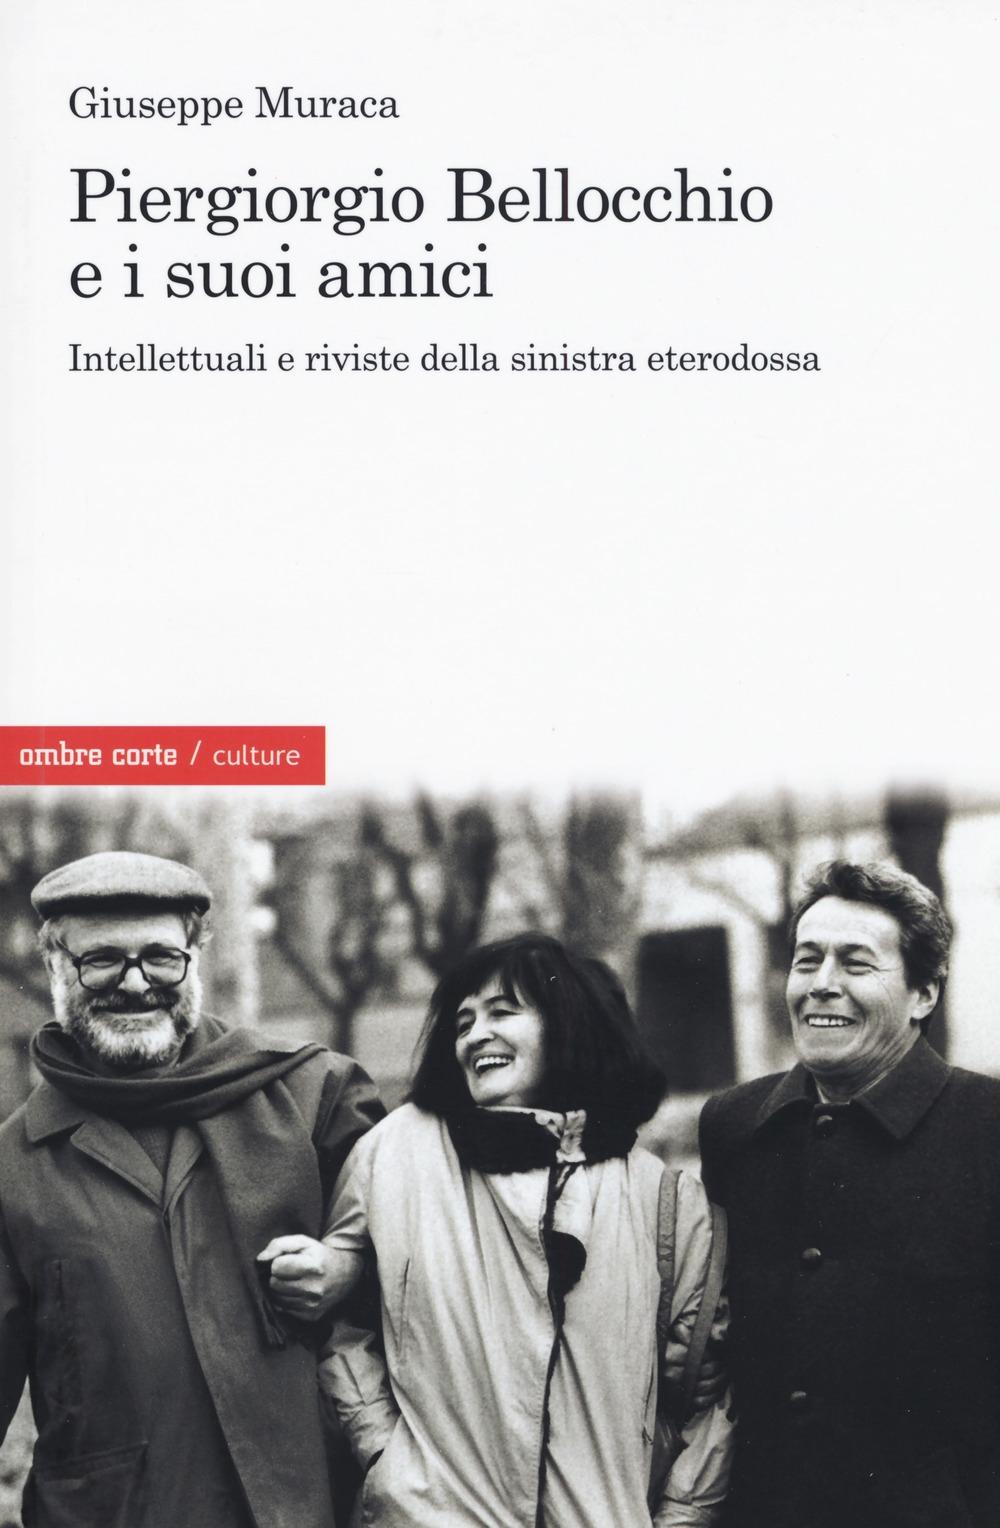 Piergiorgio Bellocchio e i suoi amici. Intellettuali e riviste della sinistra eterodossa